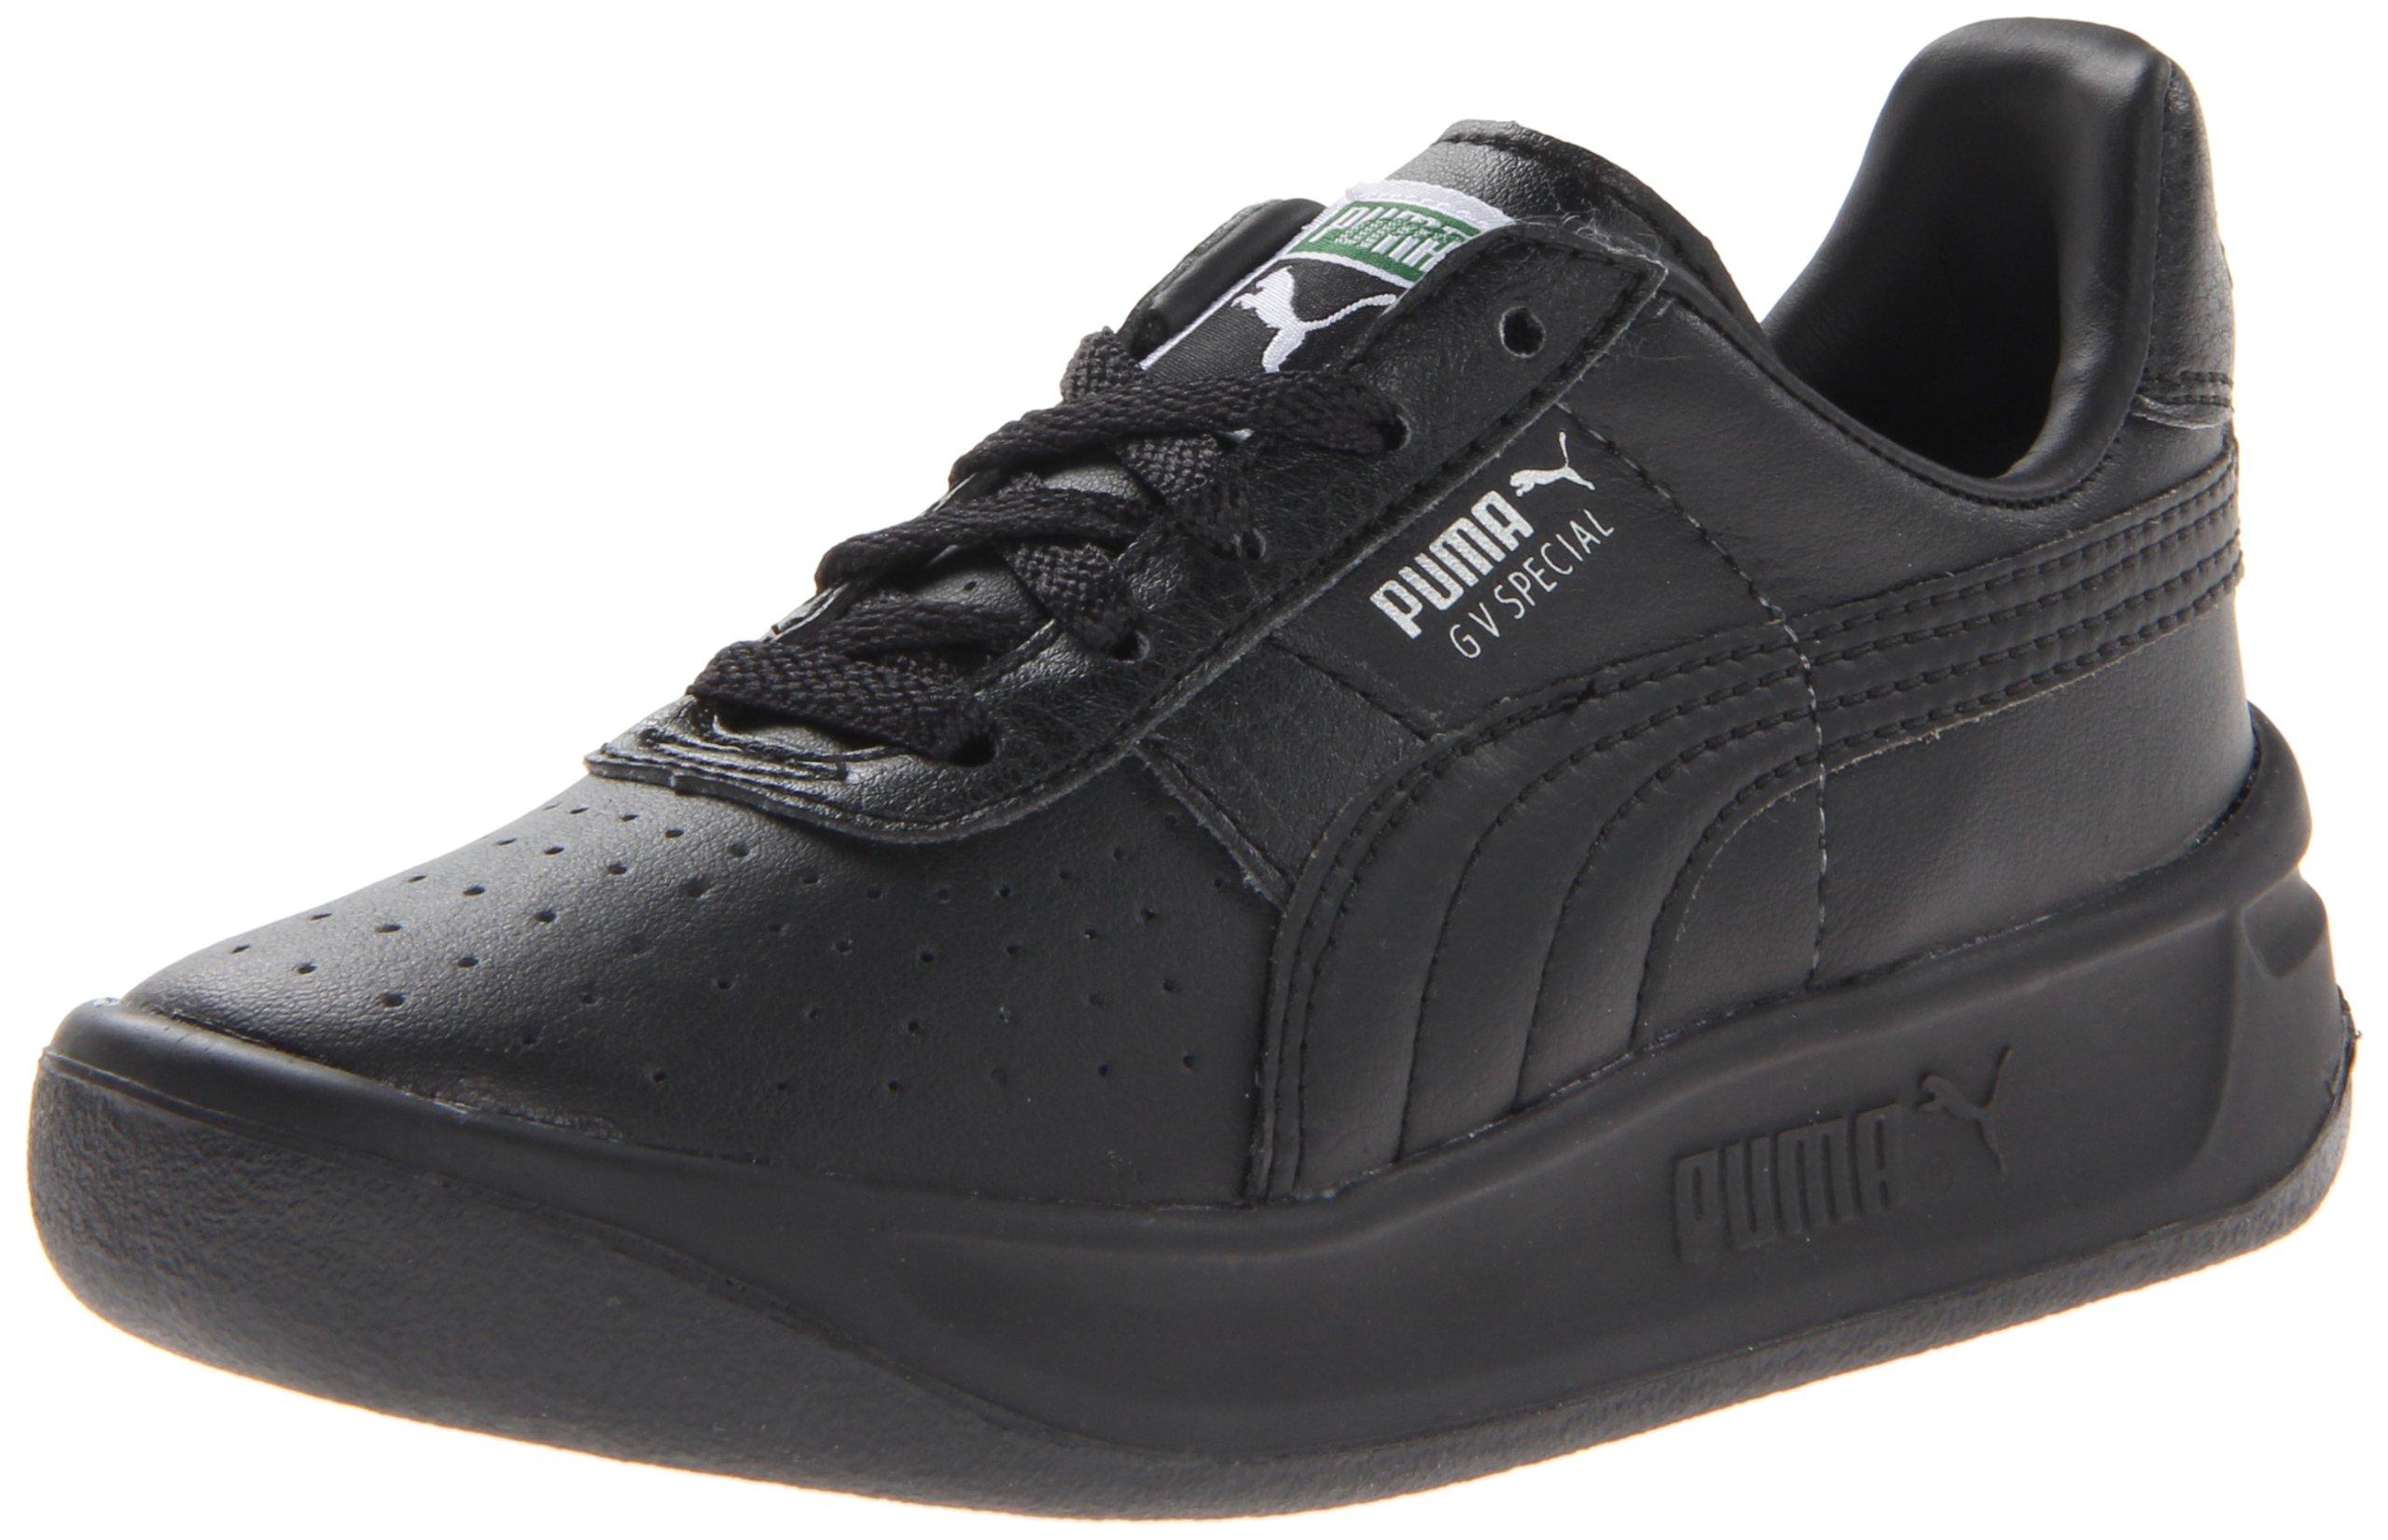 PUMA GV Special Jr Sneaker (Little Kid/Big Kid),Black/Black/PUMA Silver,7 M US Big Kid